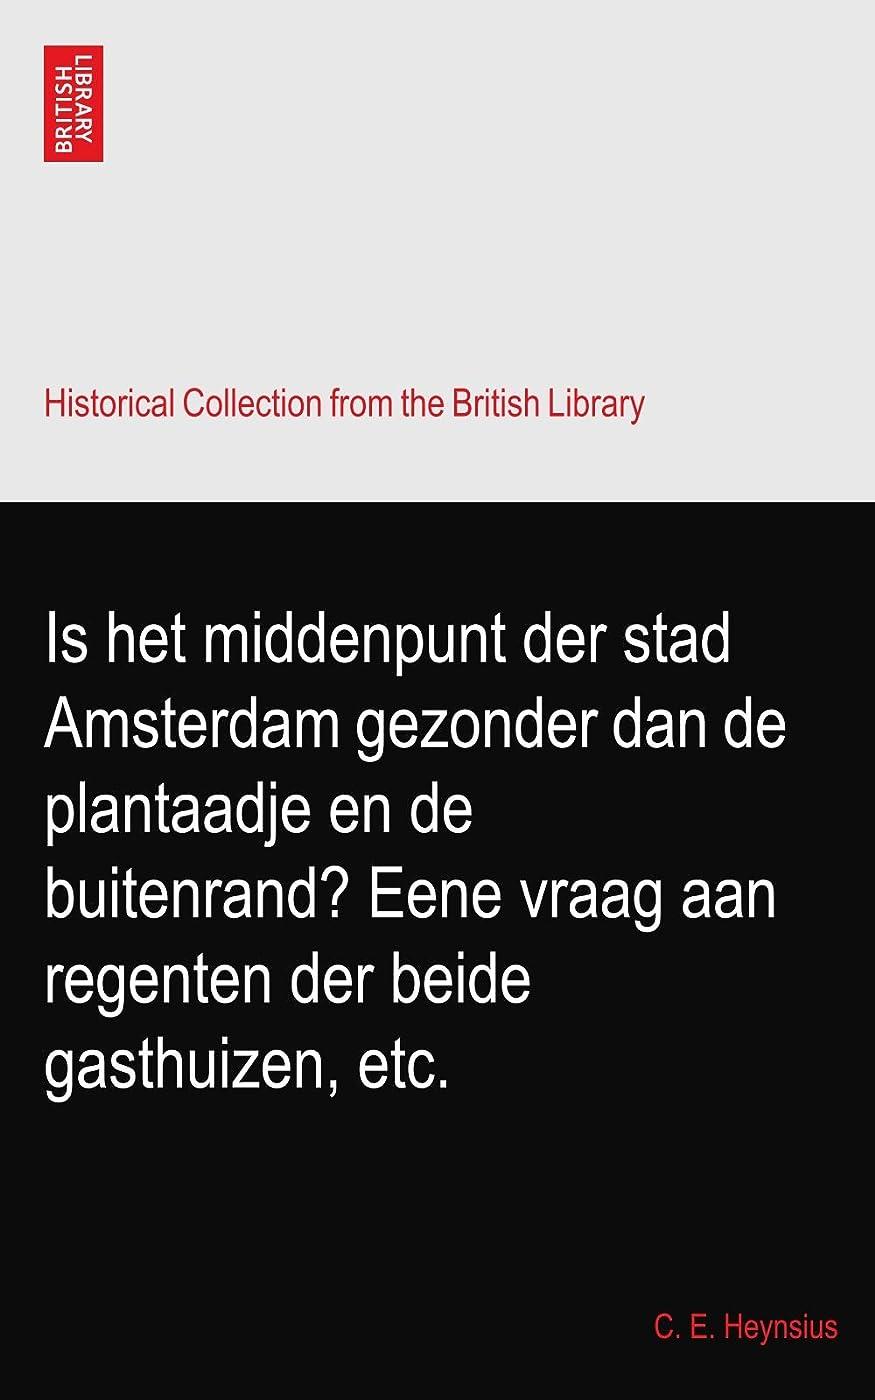 浮くルーチン用語集Is het middenpunt der stad Amsterdam gezonder dan de plantaadje en de buitenrand? Eene vraag aan regenten der beide gasthuizen, etc.